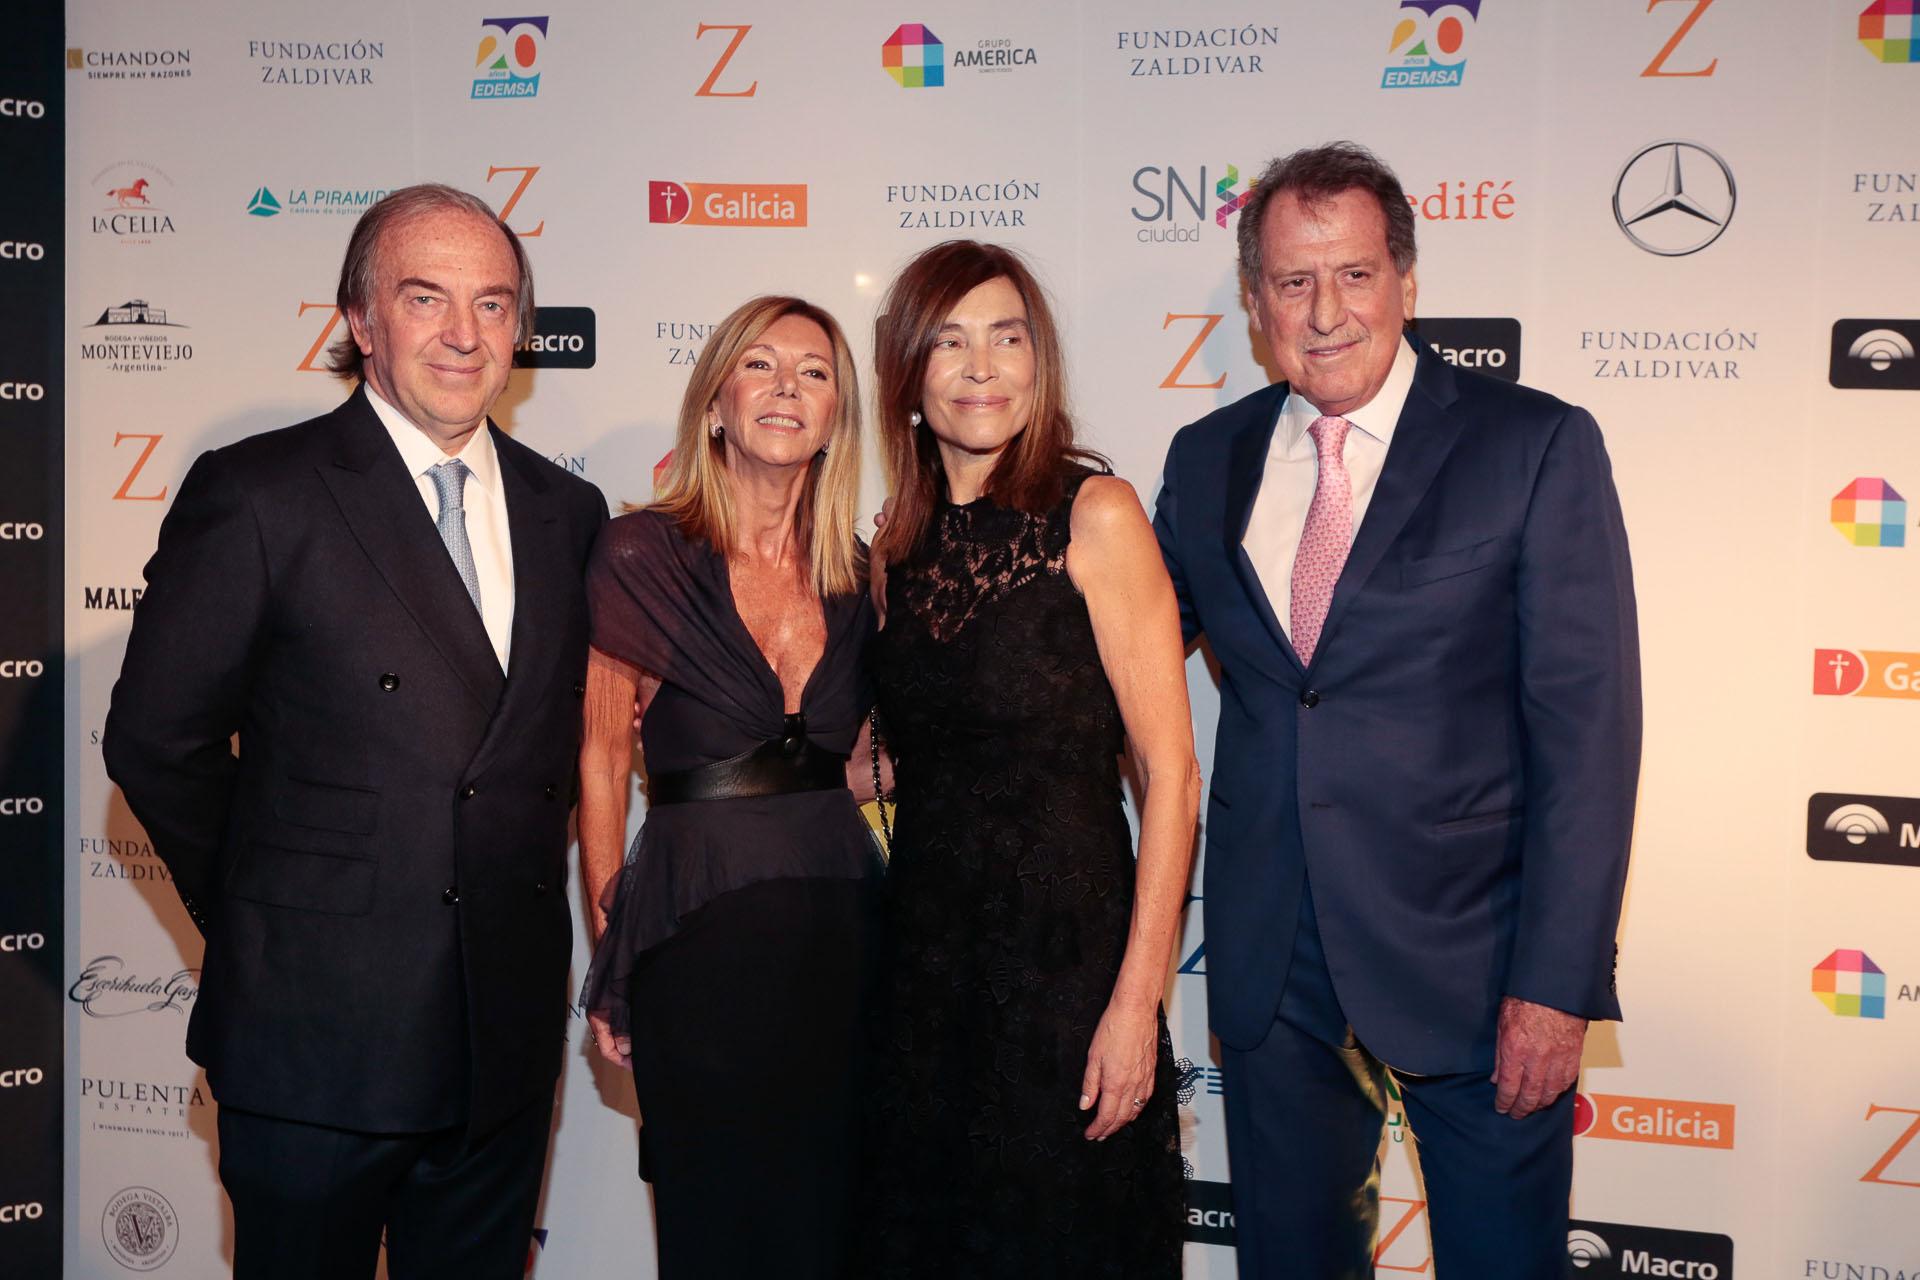 Roberto y Estela Zaldivar junto a Jorge Brito y su mujer